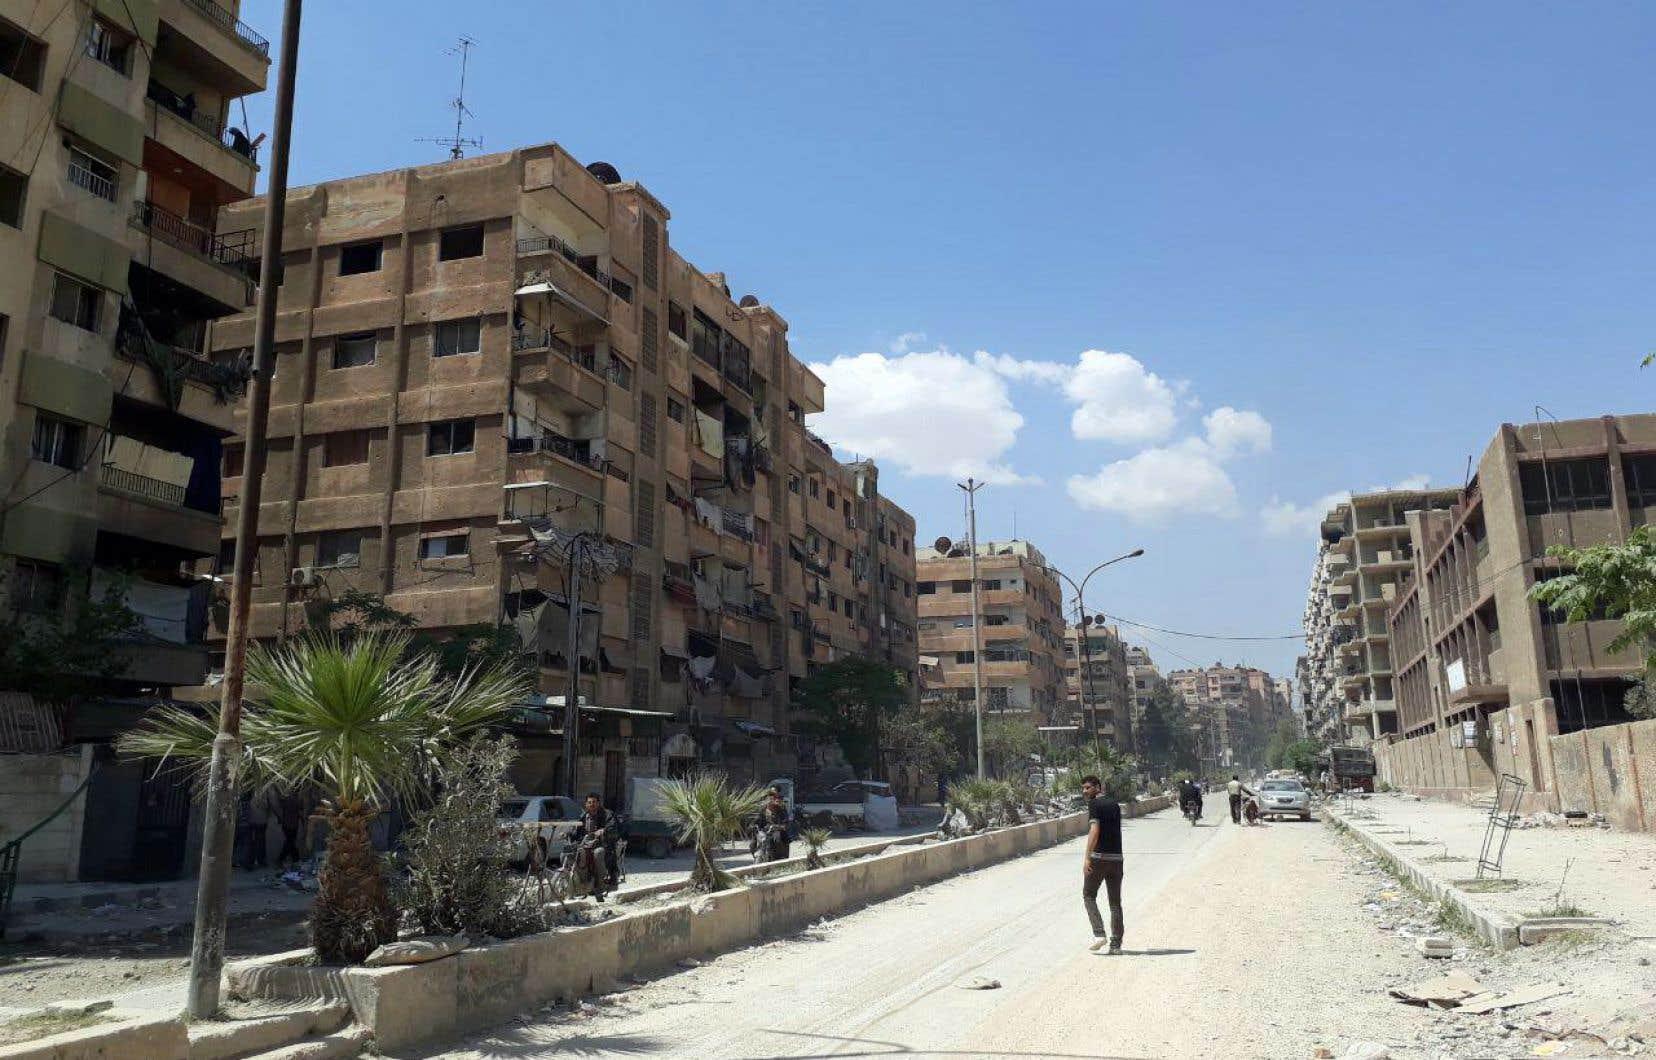 Une équipe de l'Organisation pour l'interdiction des armes chimiques doit enquêter à Douma pour déterminer la nature exacte des armes employées.